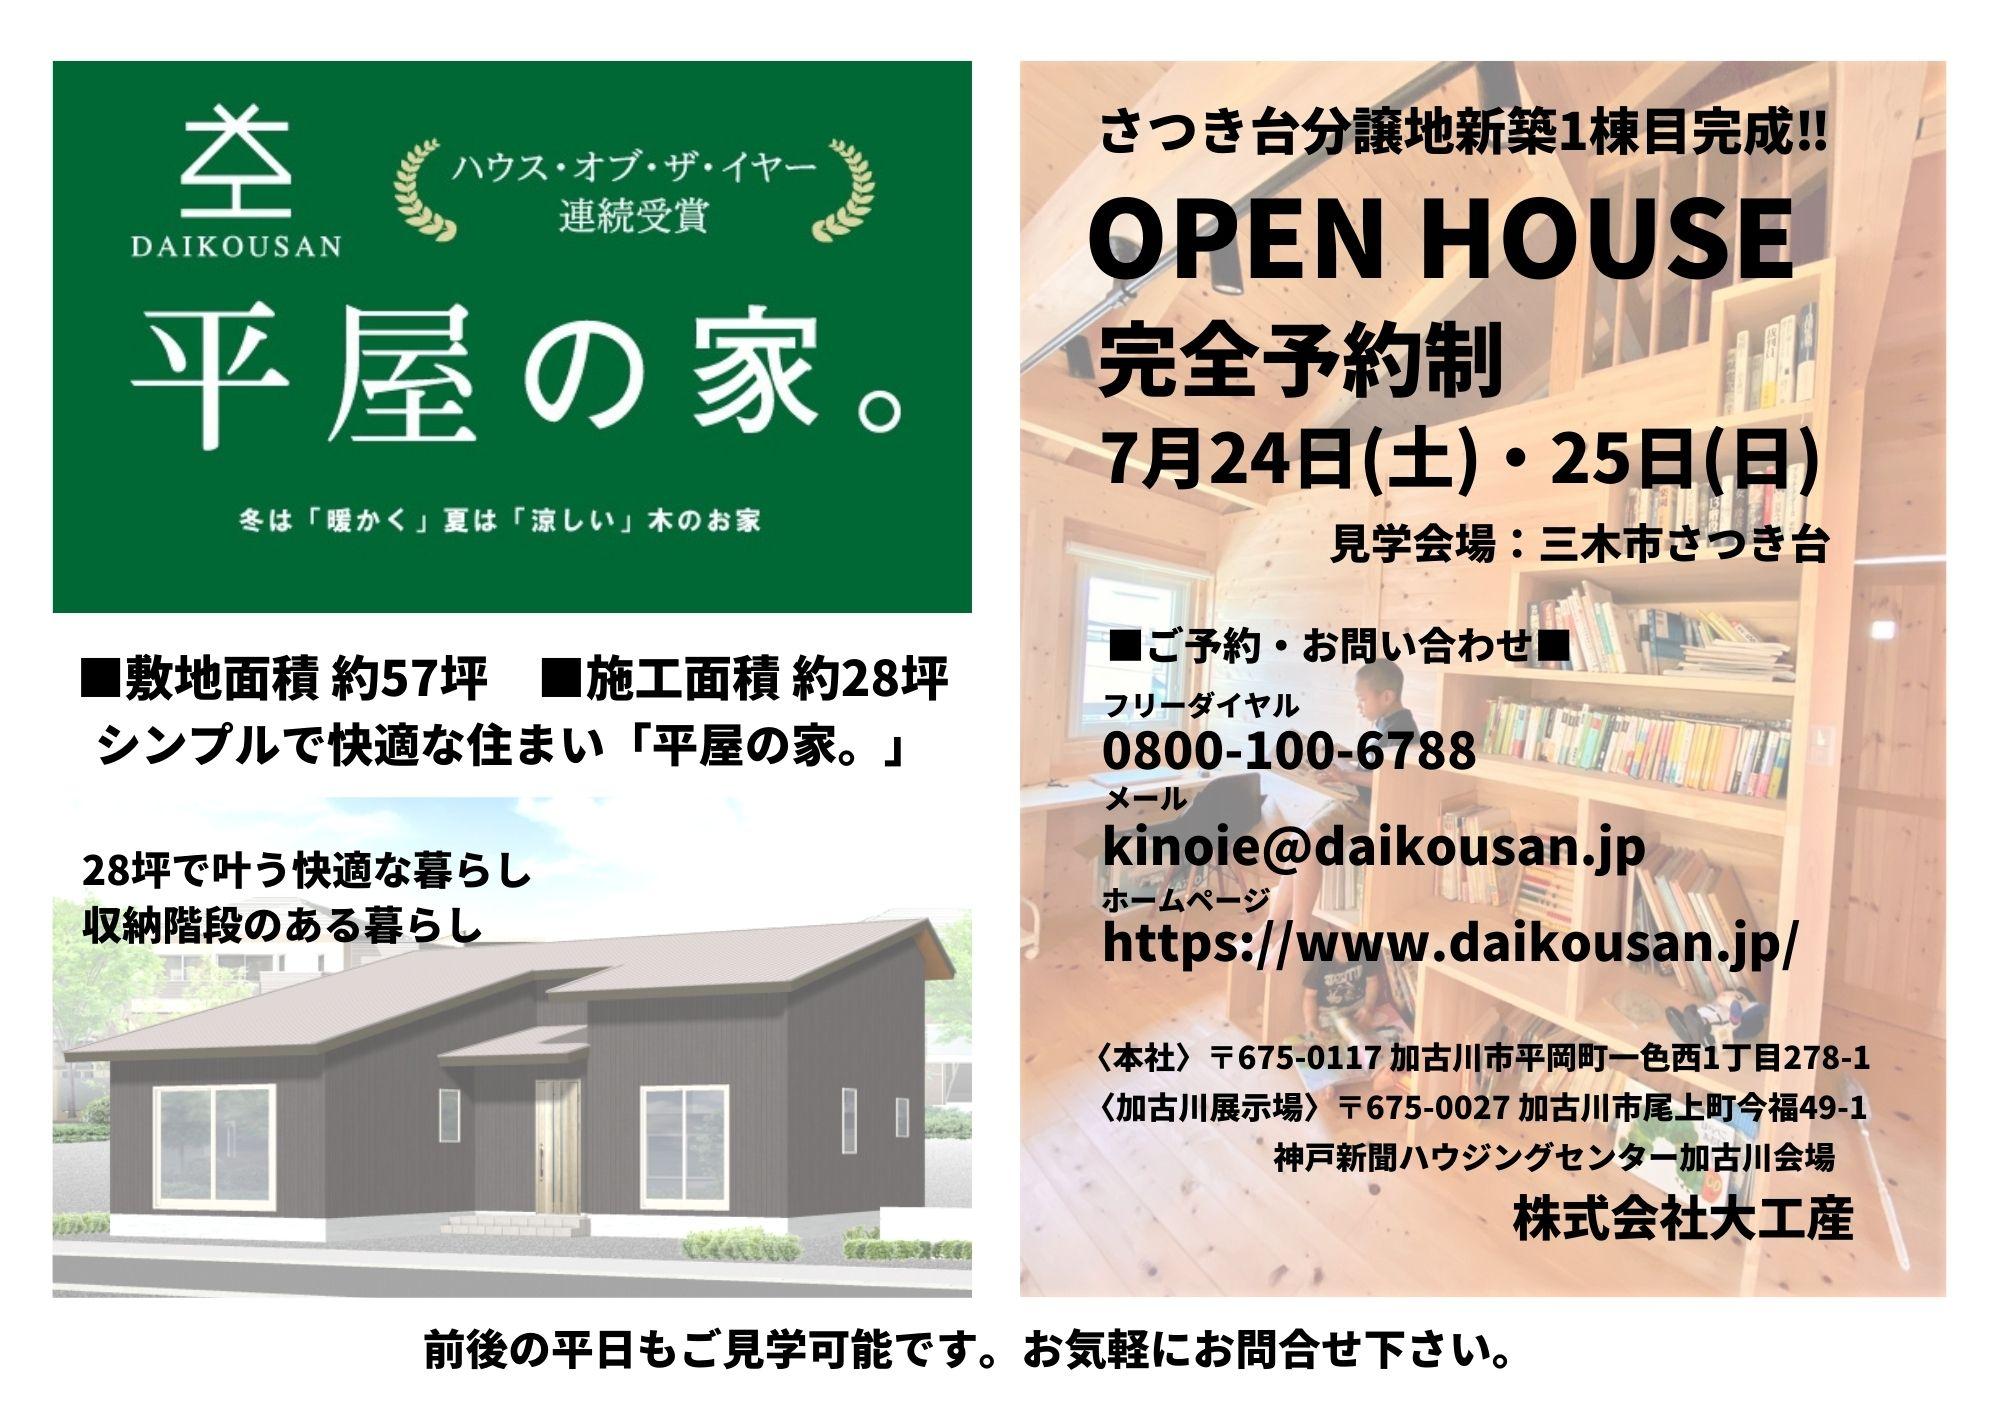 7月注文住宅 加古川 姫路 大工産 平屋 平屋の家 新築 一戸建て さつき台 三木市